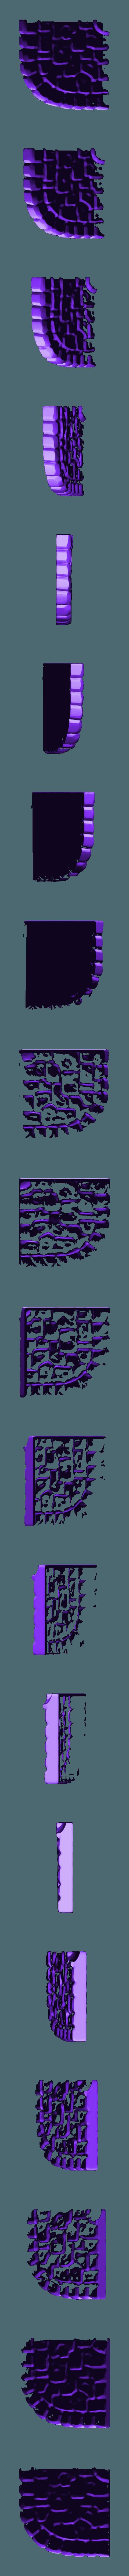 streetcorner_drain.stl Download free STL file Fantasy city set • 3D printable model, HeribertoValle